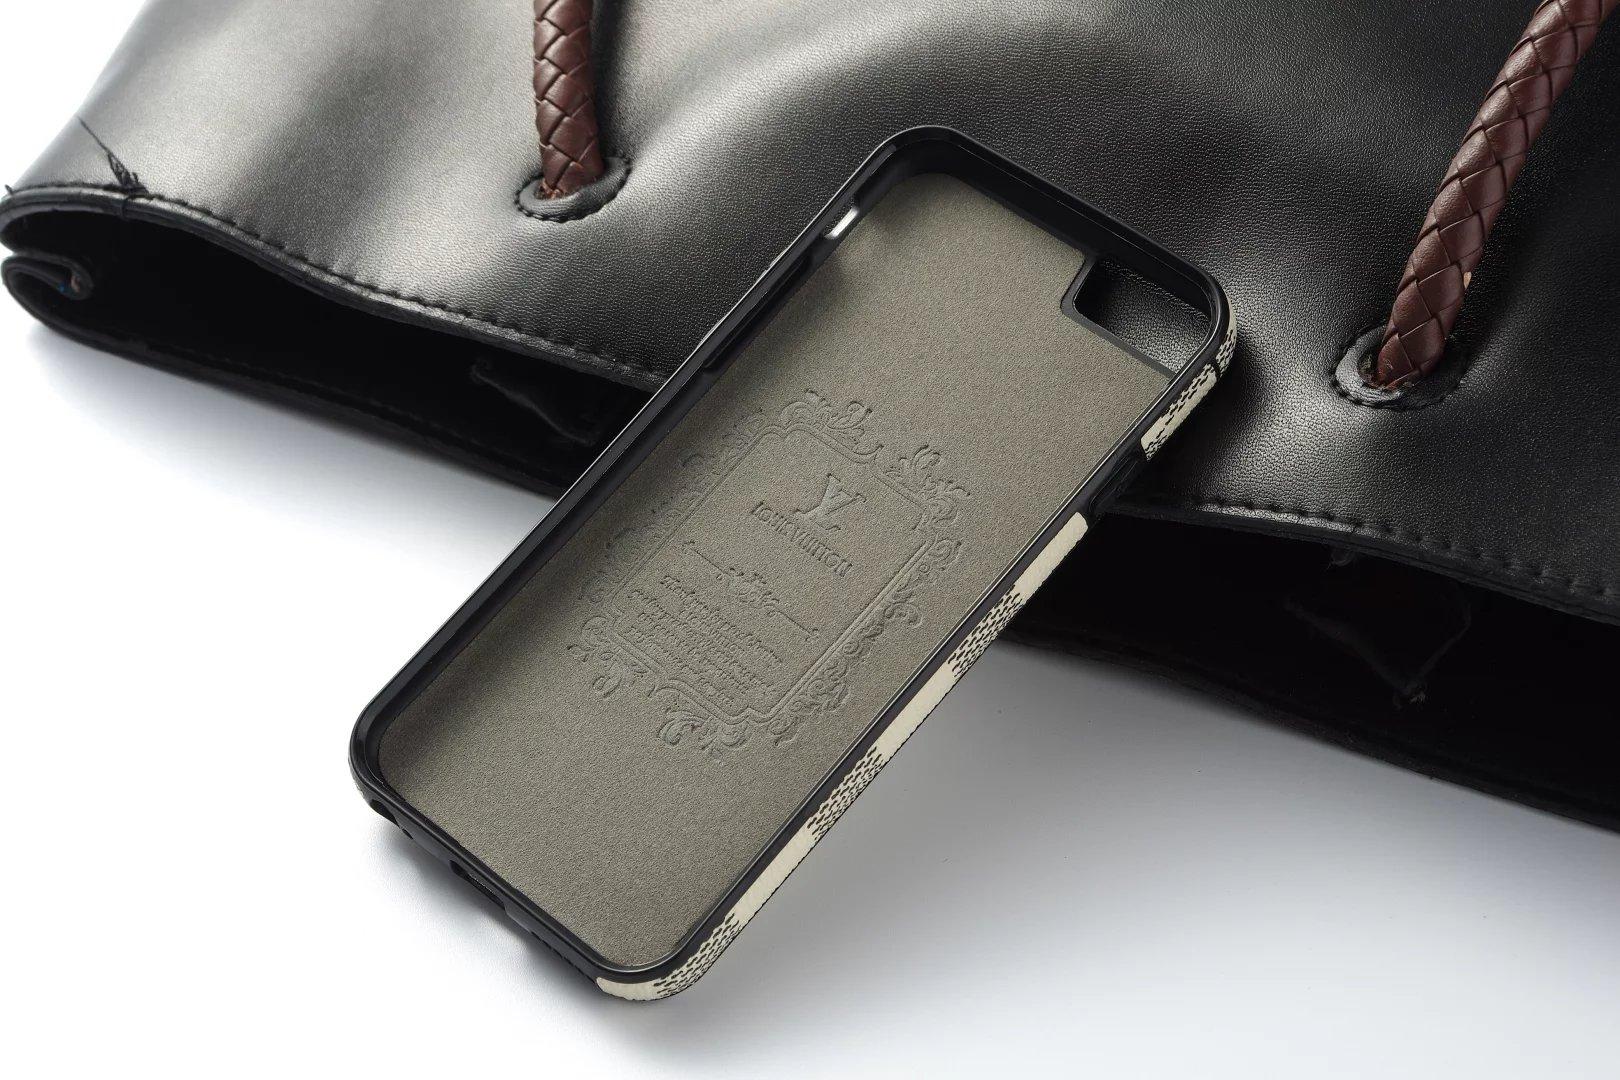 case für iphone iphone hülle mit eigenem foto Louis Vuitton iphone 8 hüllen dünne iphone hülle iphone 8 s hülle leder größe iphone 8 verrückte iphone hüllen größe iphone 8 iphone hülle 8lber machen